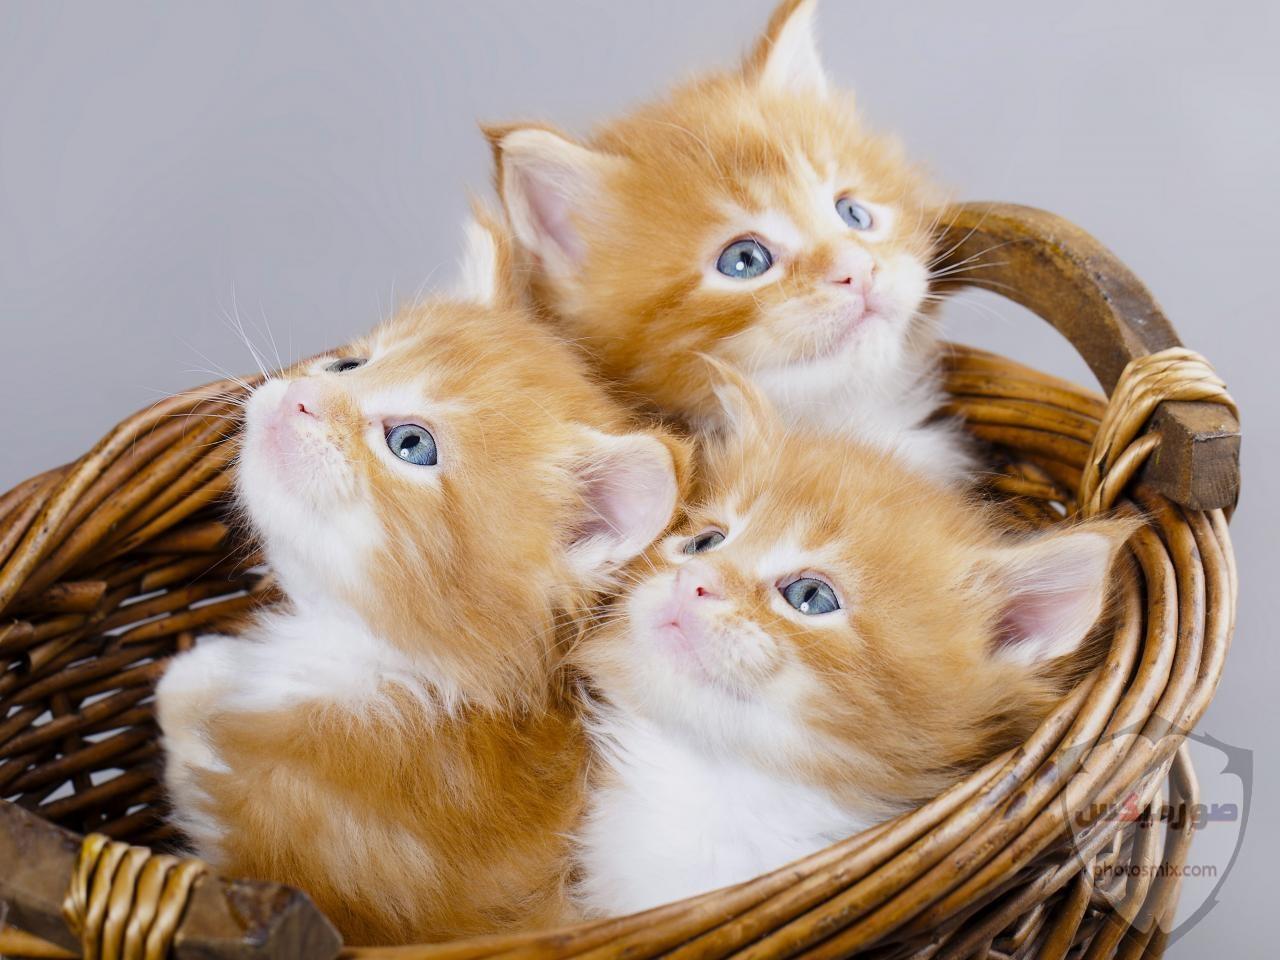 صور خلفيات رمزيات قطط كيوت صورة قطة كيوت جدا 40